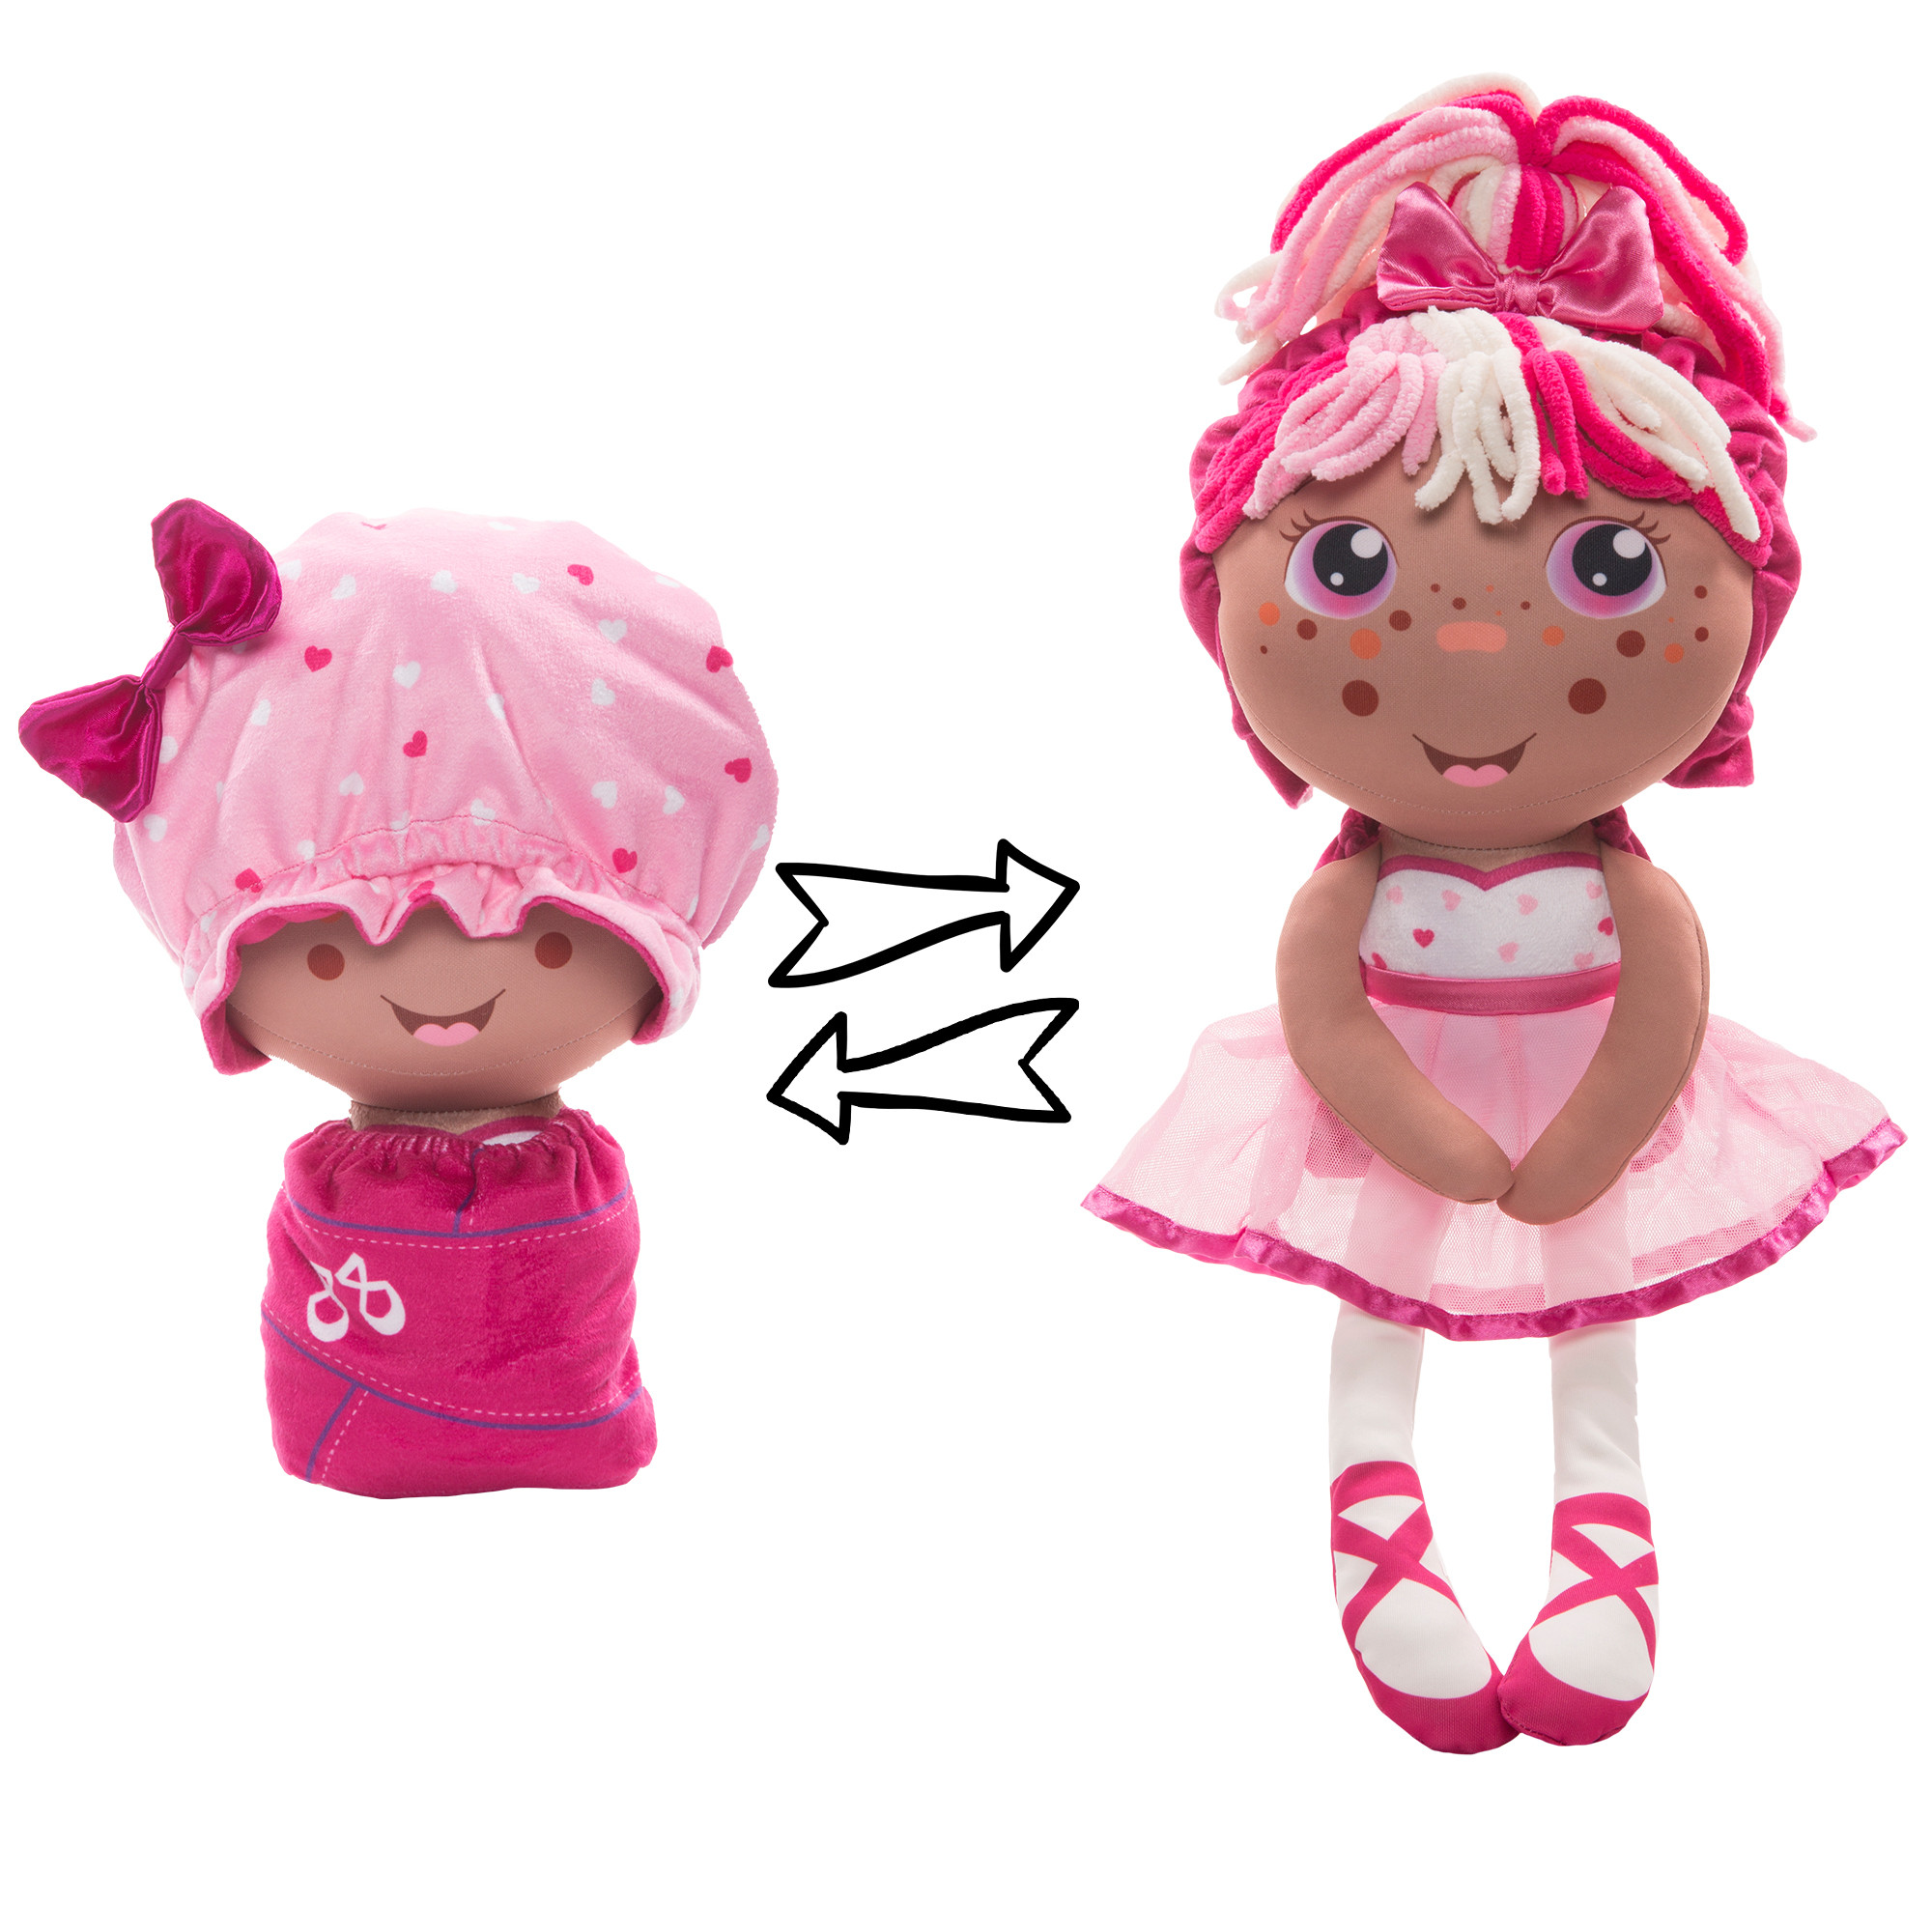 Купить 1 TOY Мягкая игрушка 2 в 1 Девчушка-Вывернушка. Катюшка, 16х14, 5х28, 5 см Т13635, Мягкие игрушки персонажи